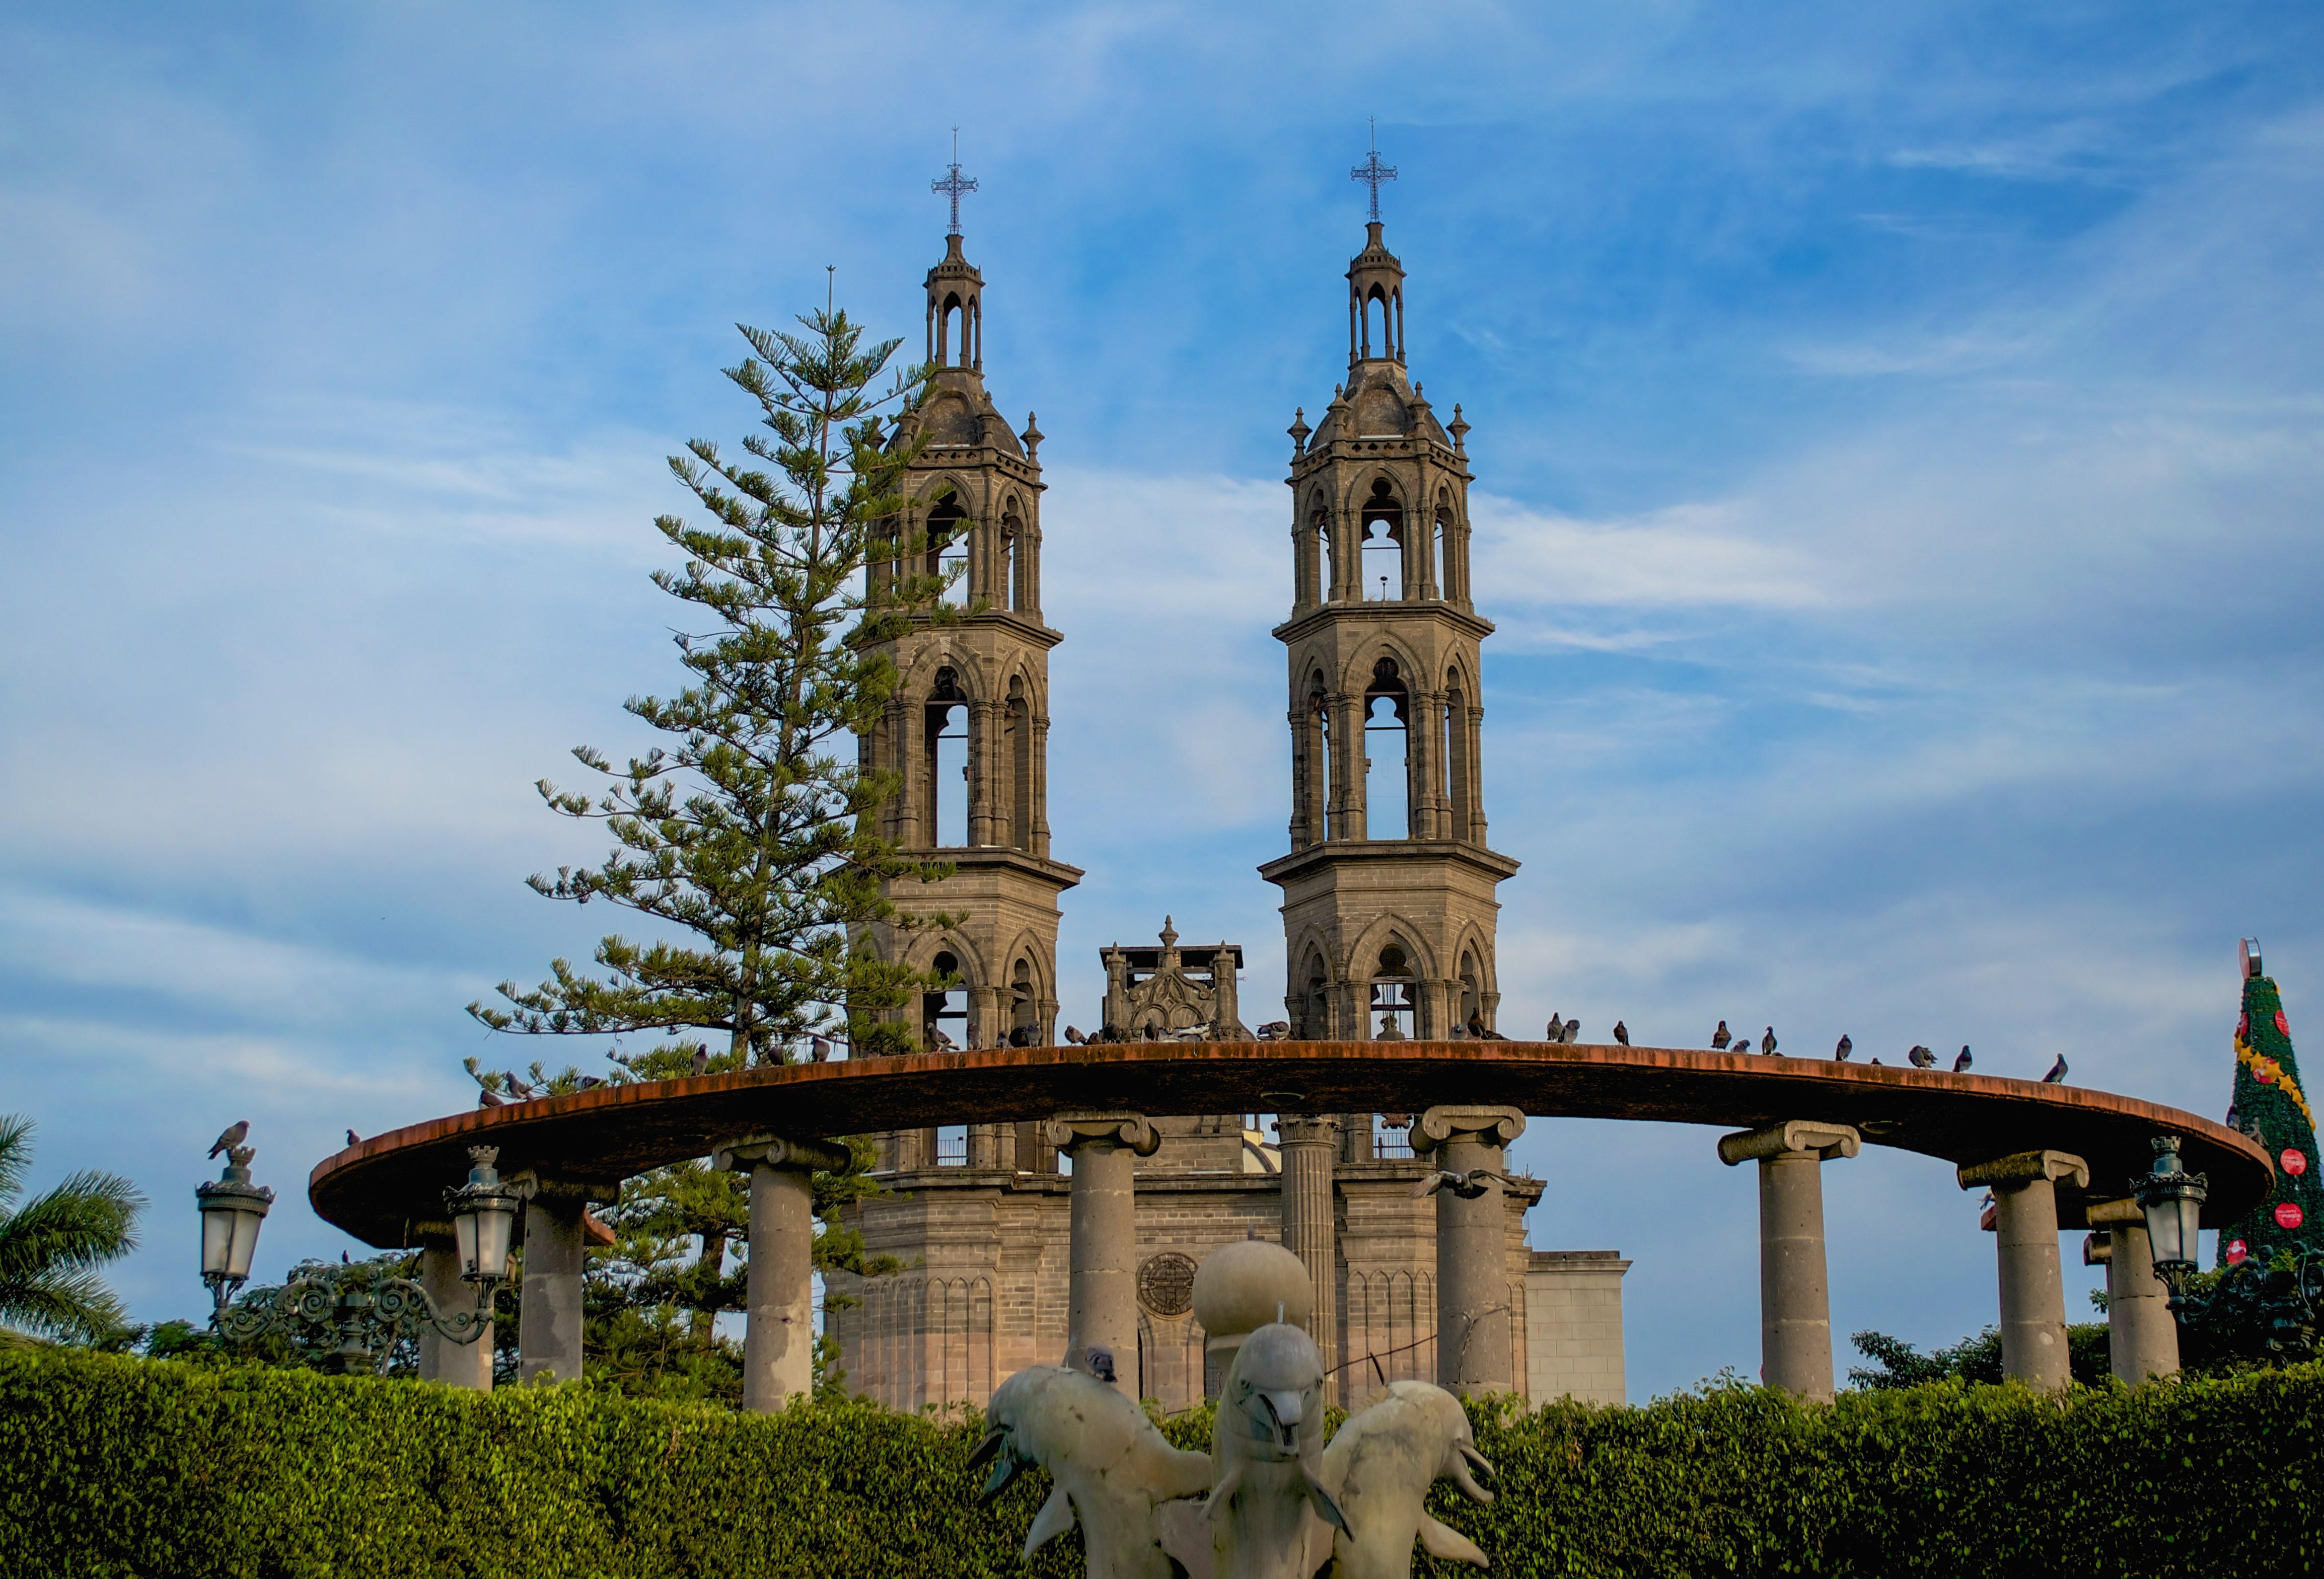 ciudad de mxico men Planos y mapas de la red de transporte, de atracciones turísticas y otros mapas y planos de la ciudad de méxico df en méxico para descargar en pdf o para imprimir.